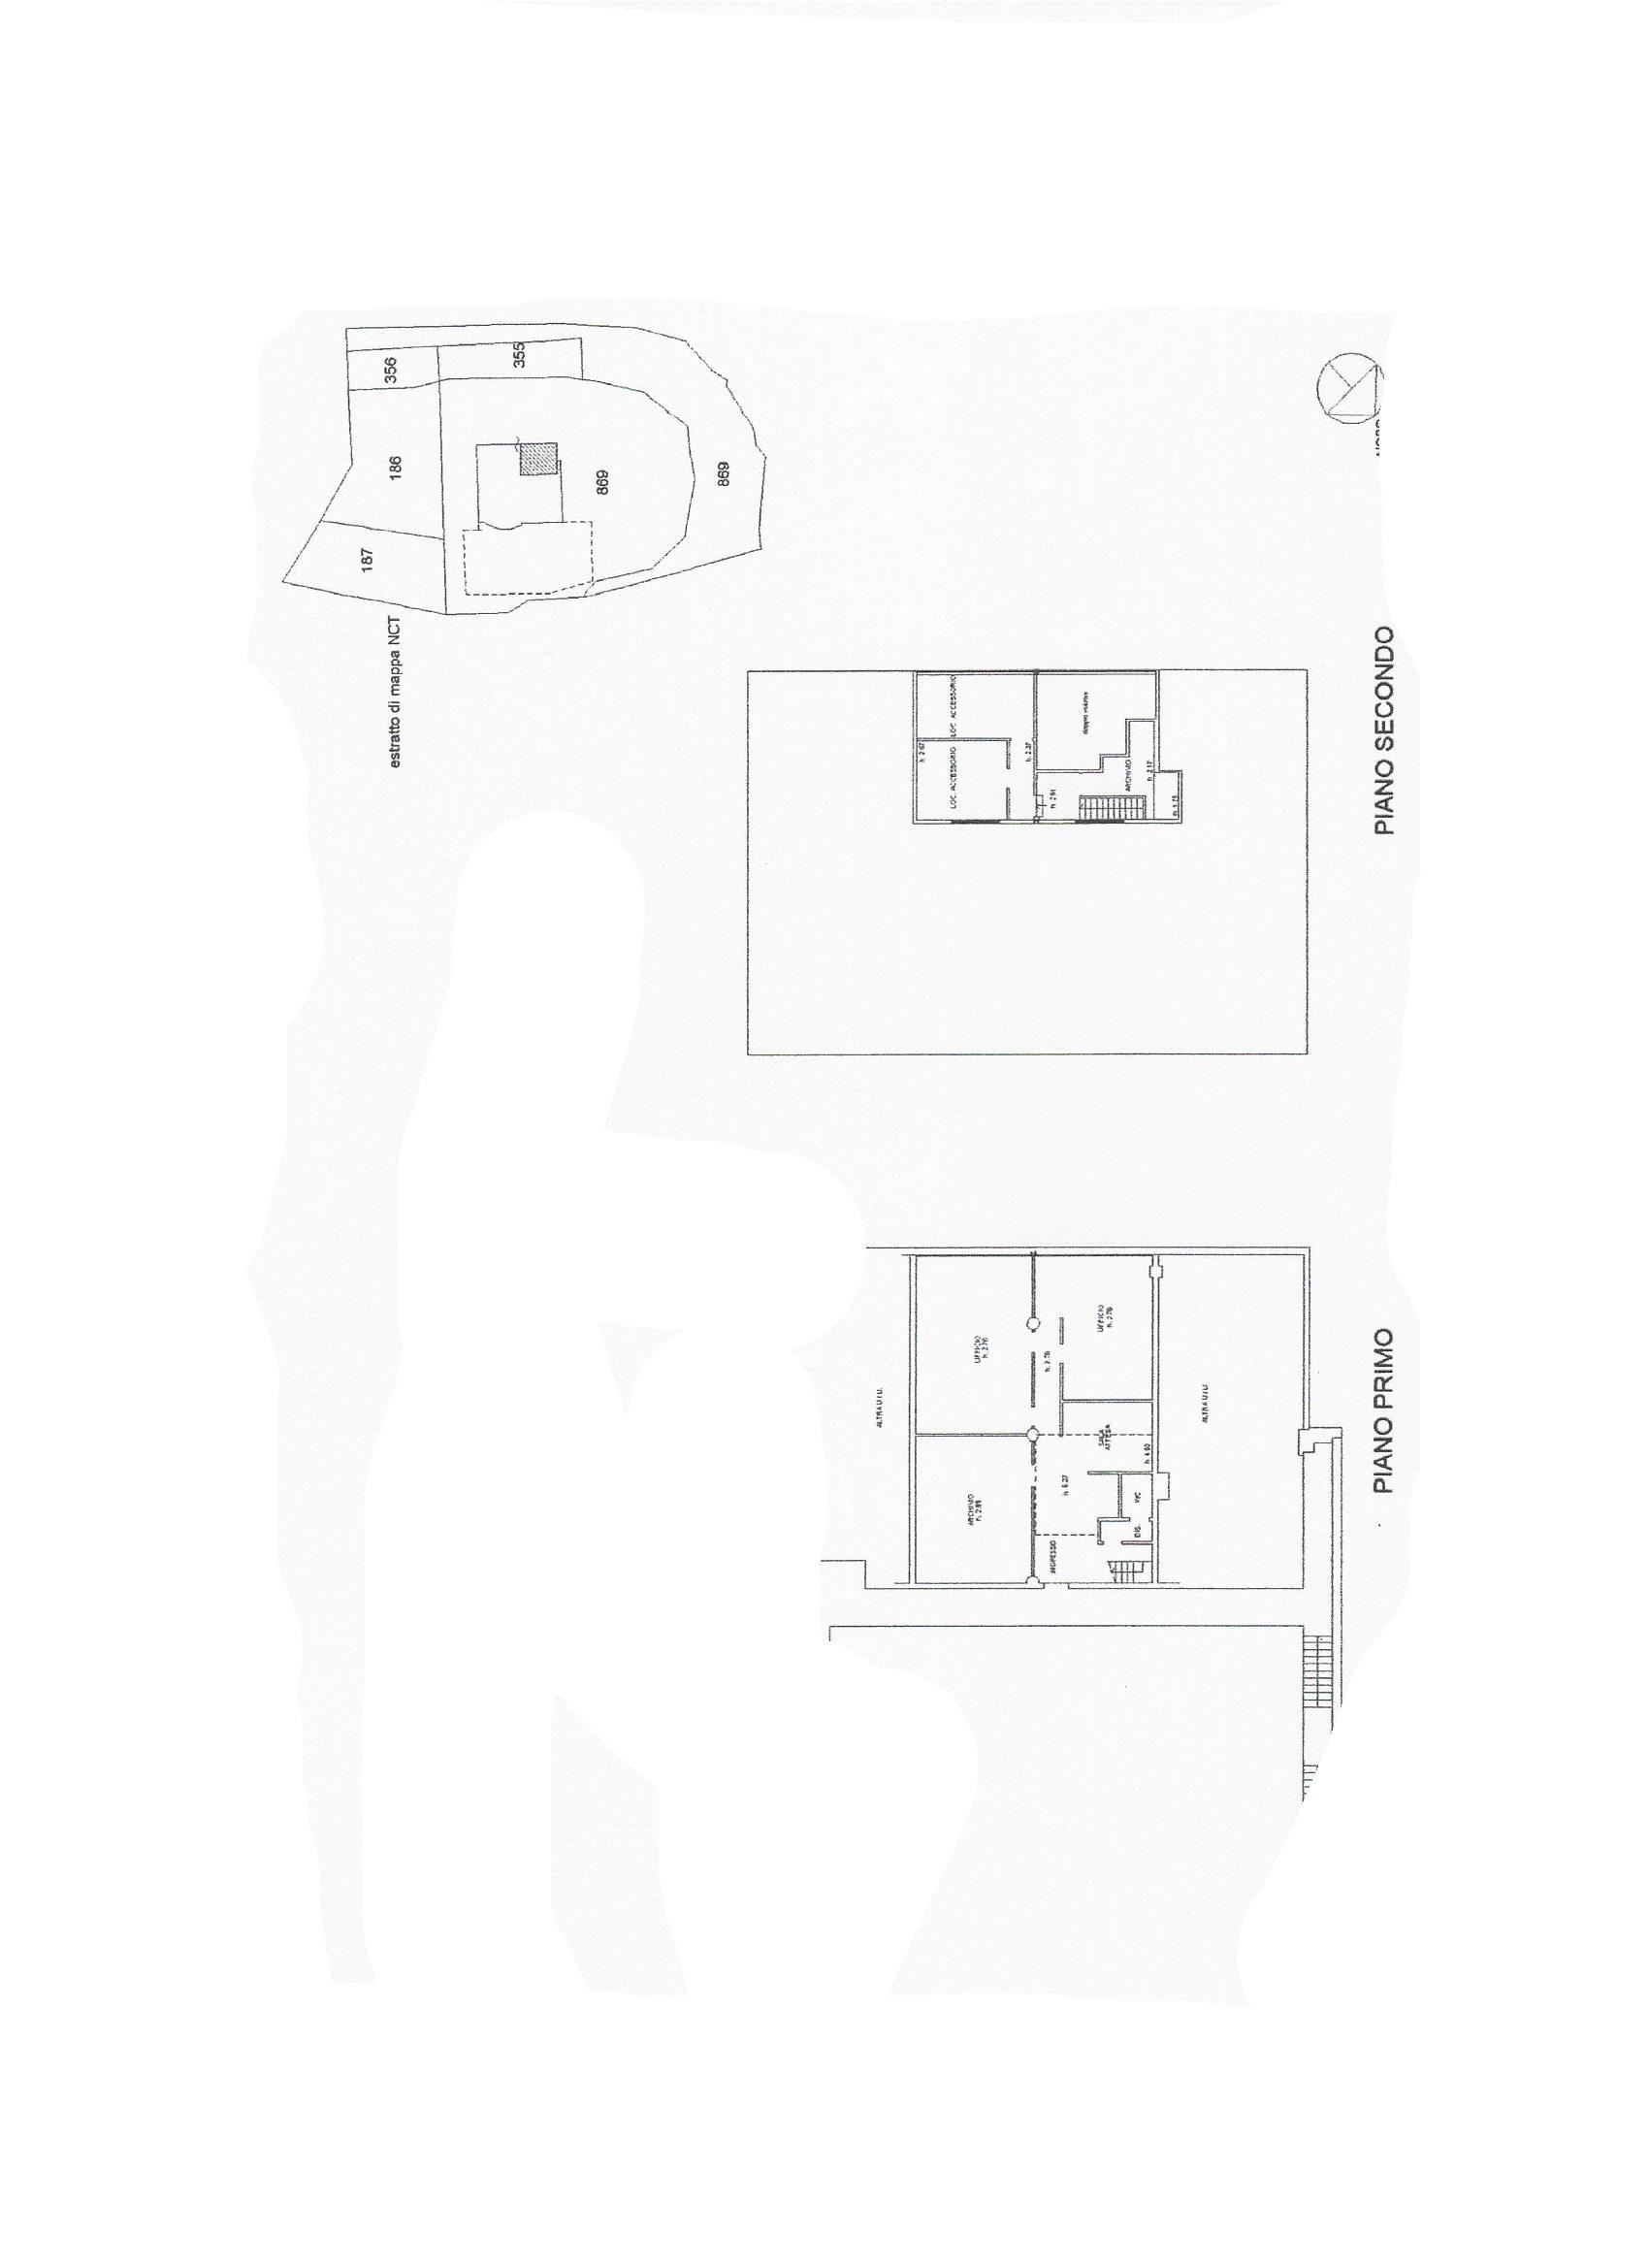 Ufficio in affitto commerciale, rif. C/49 (Planimetria 1/1)